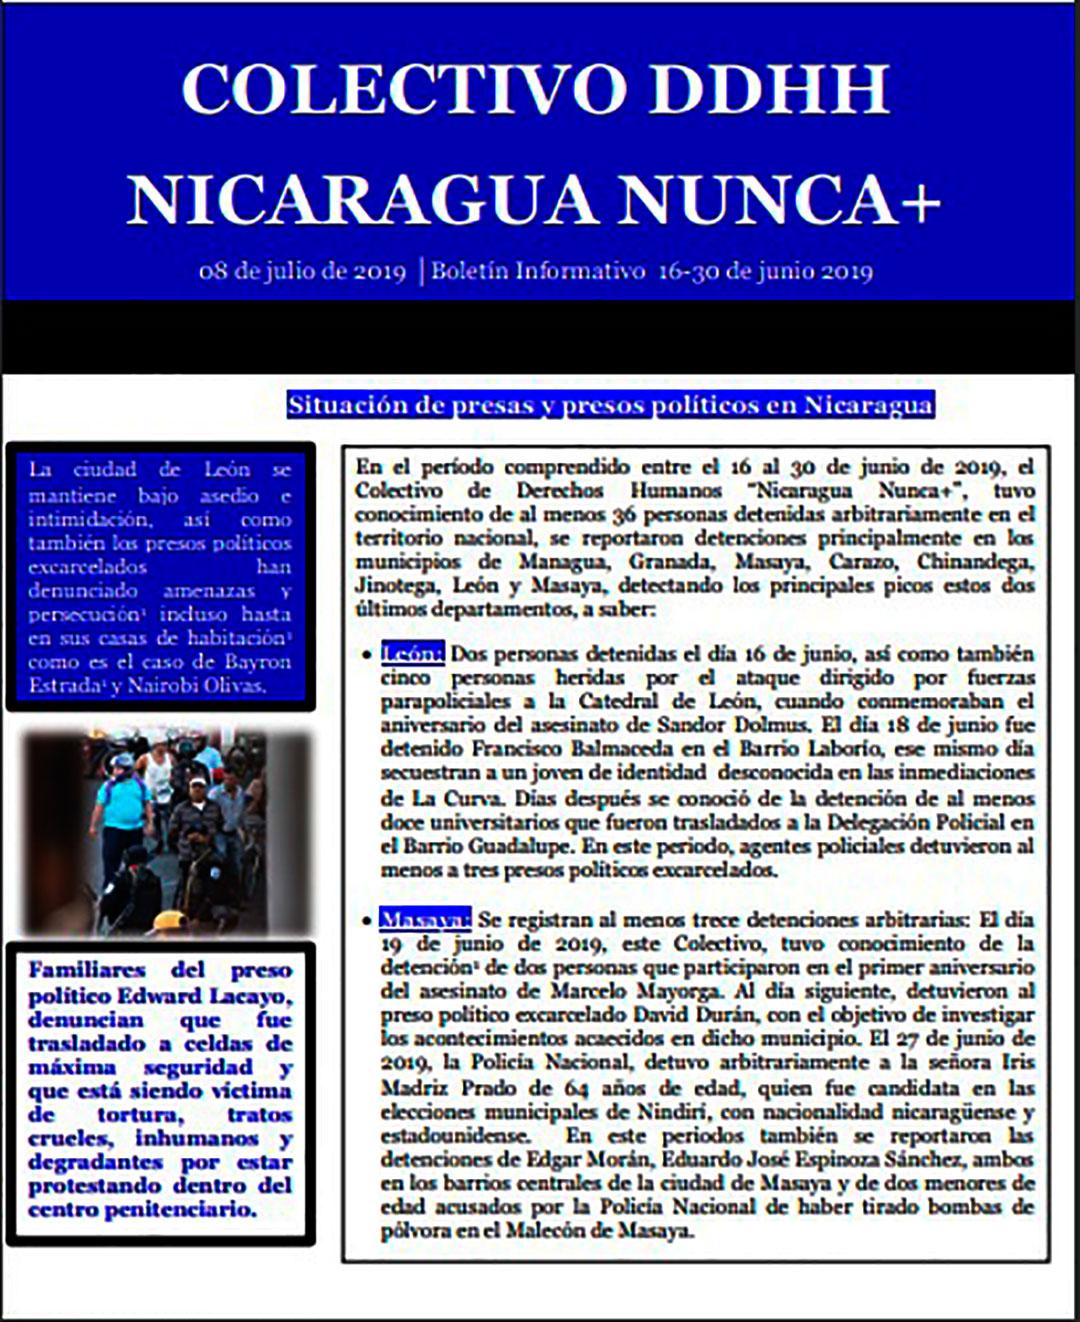 Boletín 02 Situación de presas y presos políticos en Nicaragua